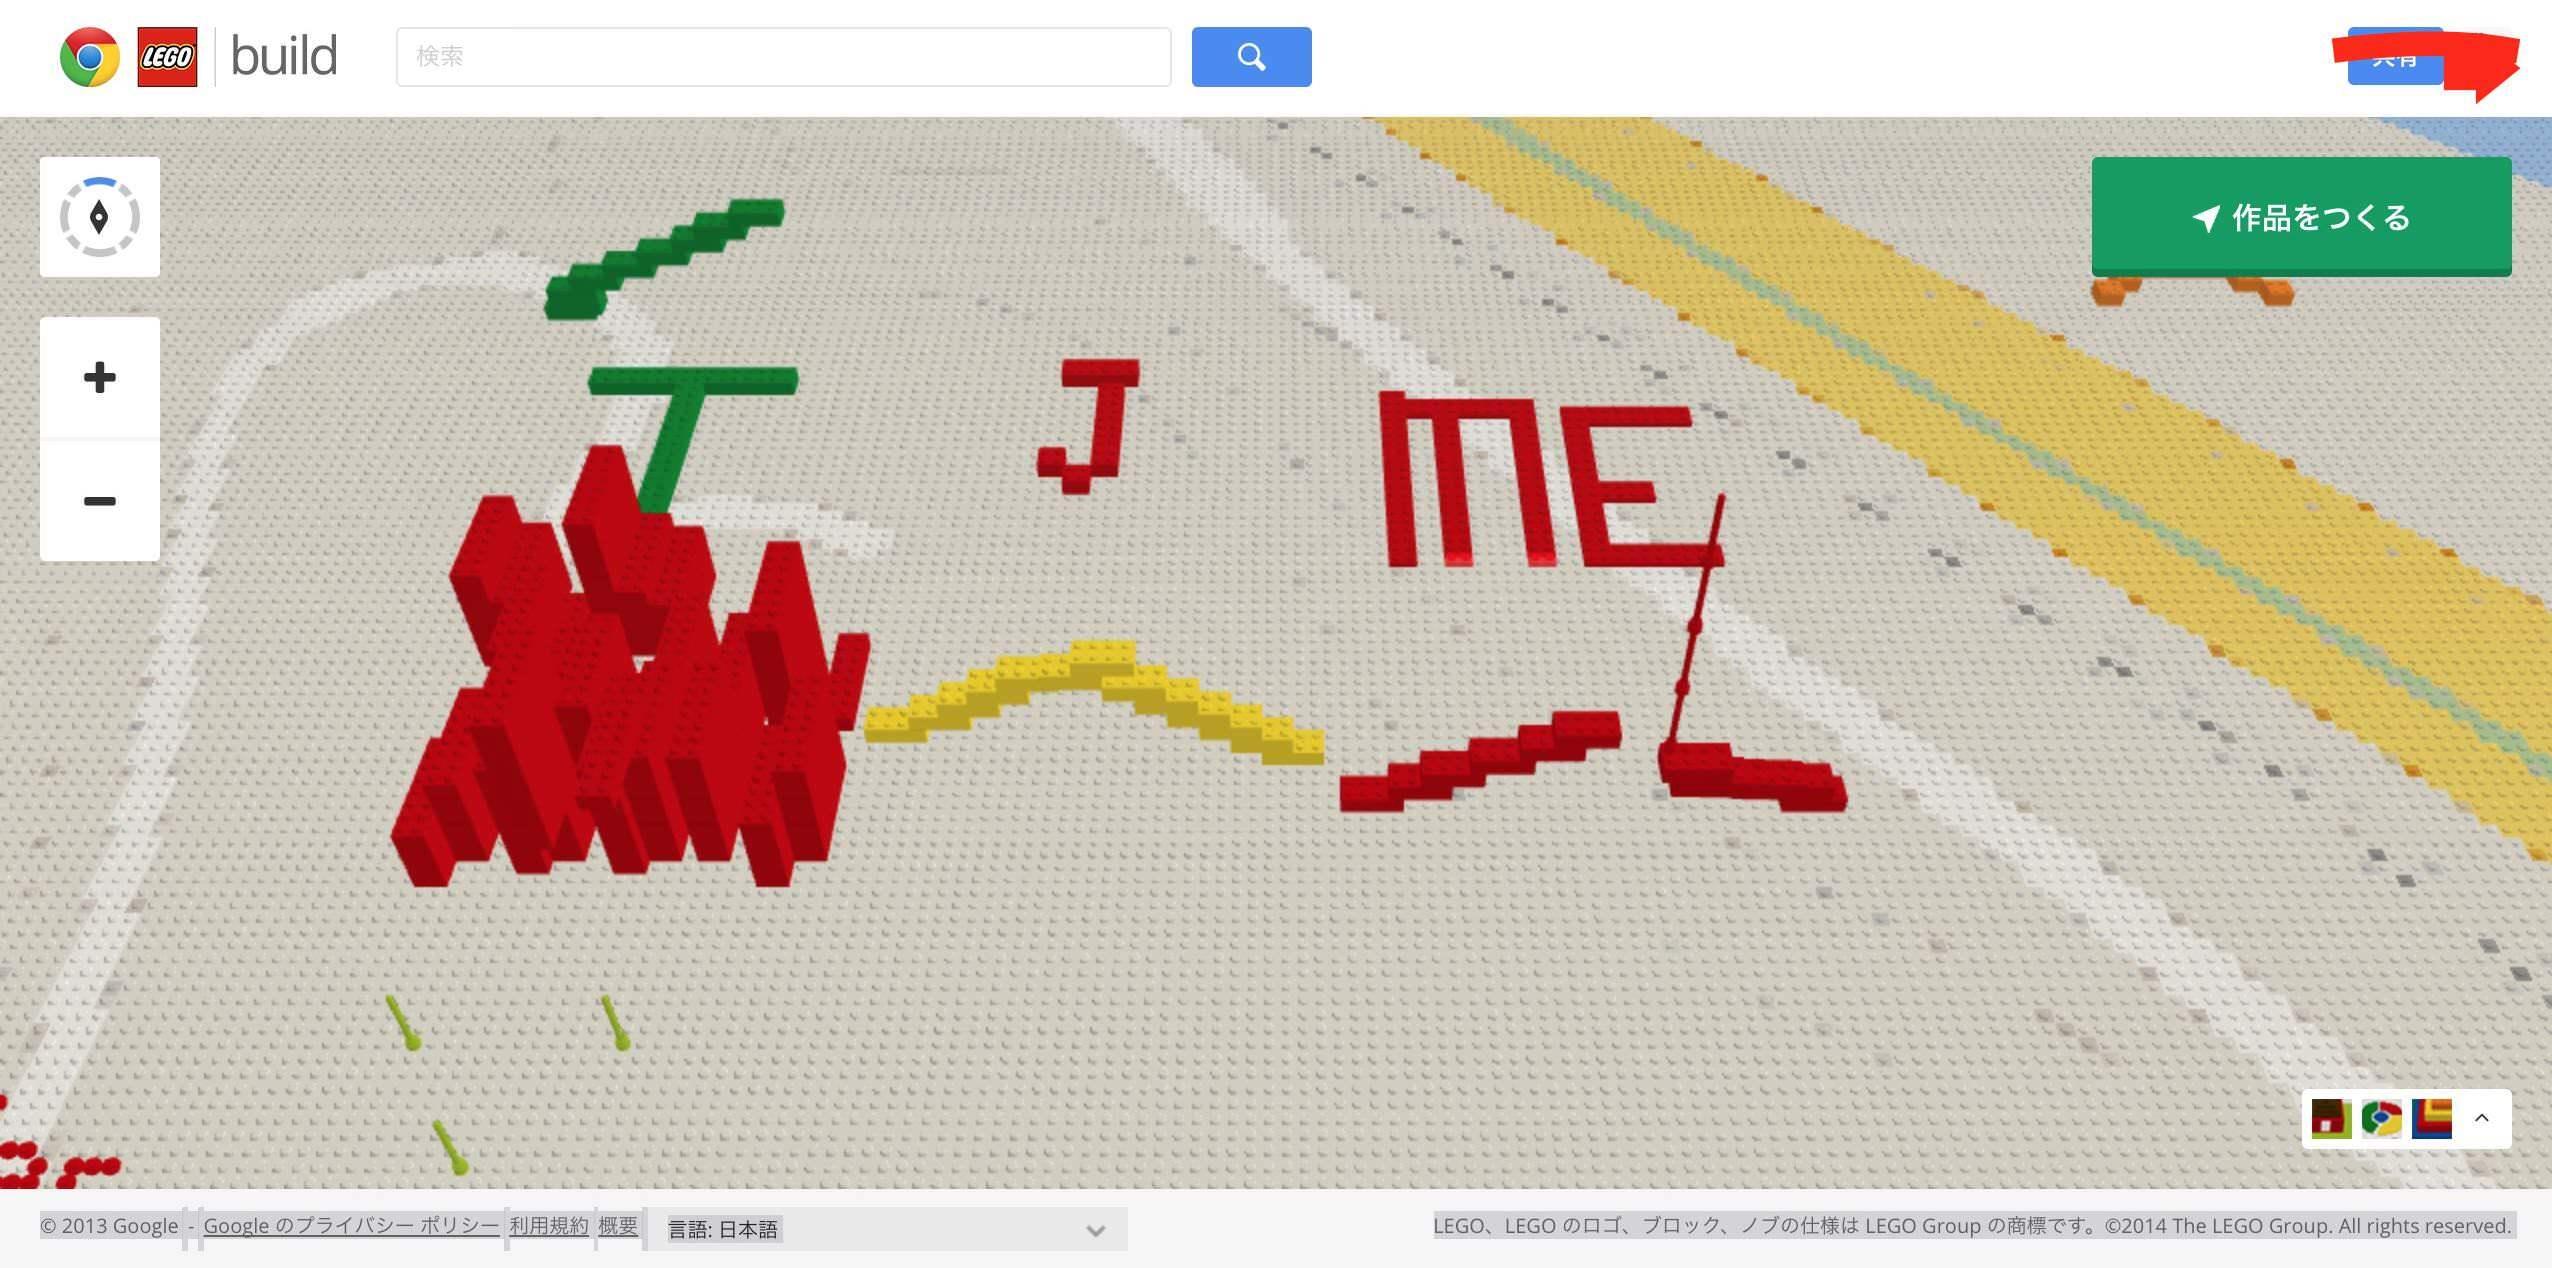 GoogleMapにLEGOの建物を建てられるサービス:Build with Chrome